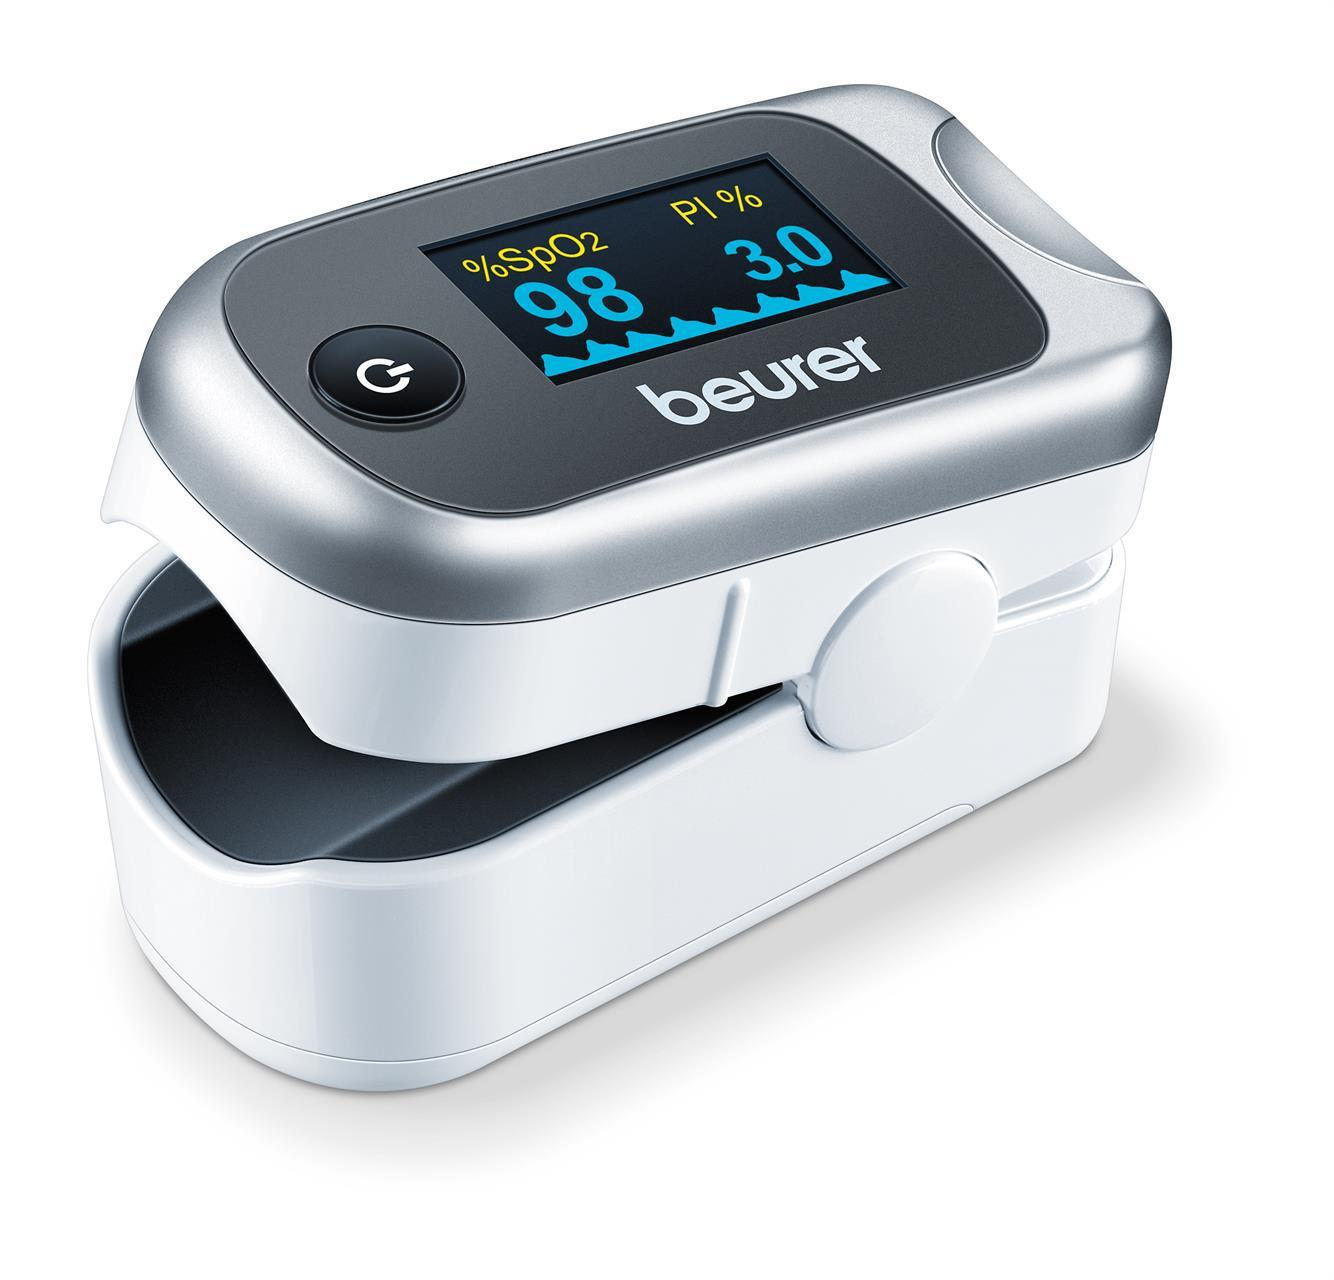 Mäta syresättning i blodet med Pulsoximeter